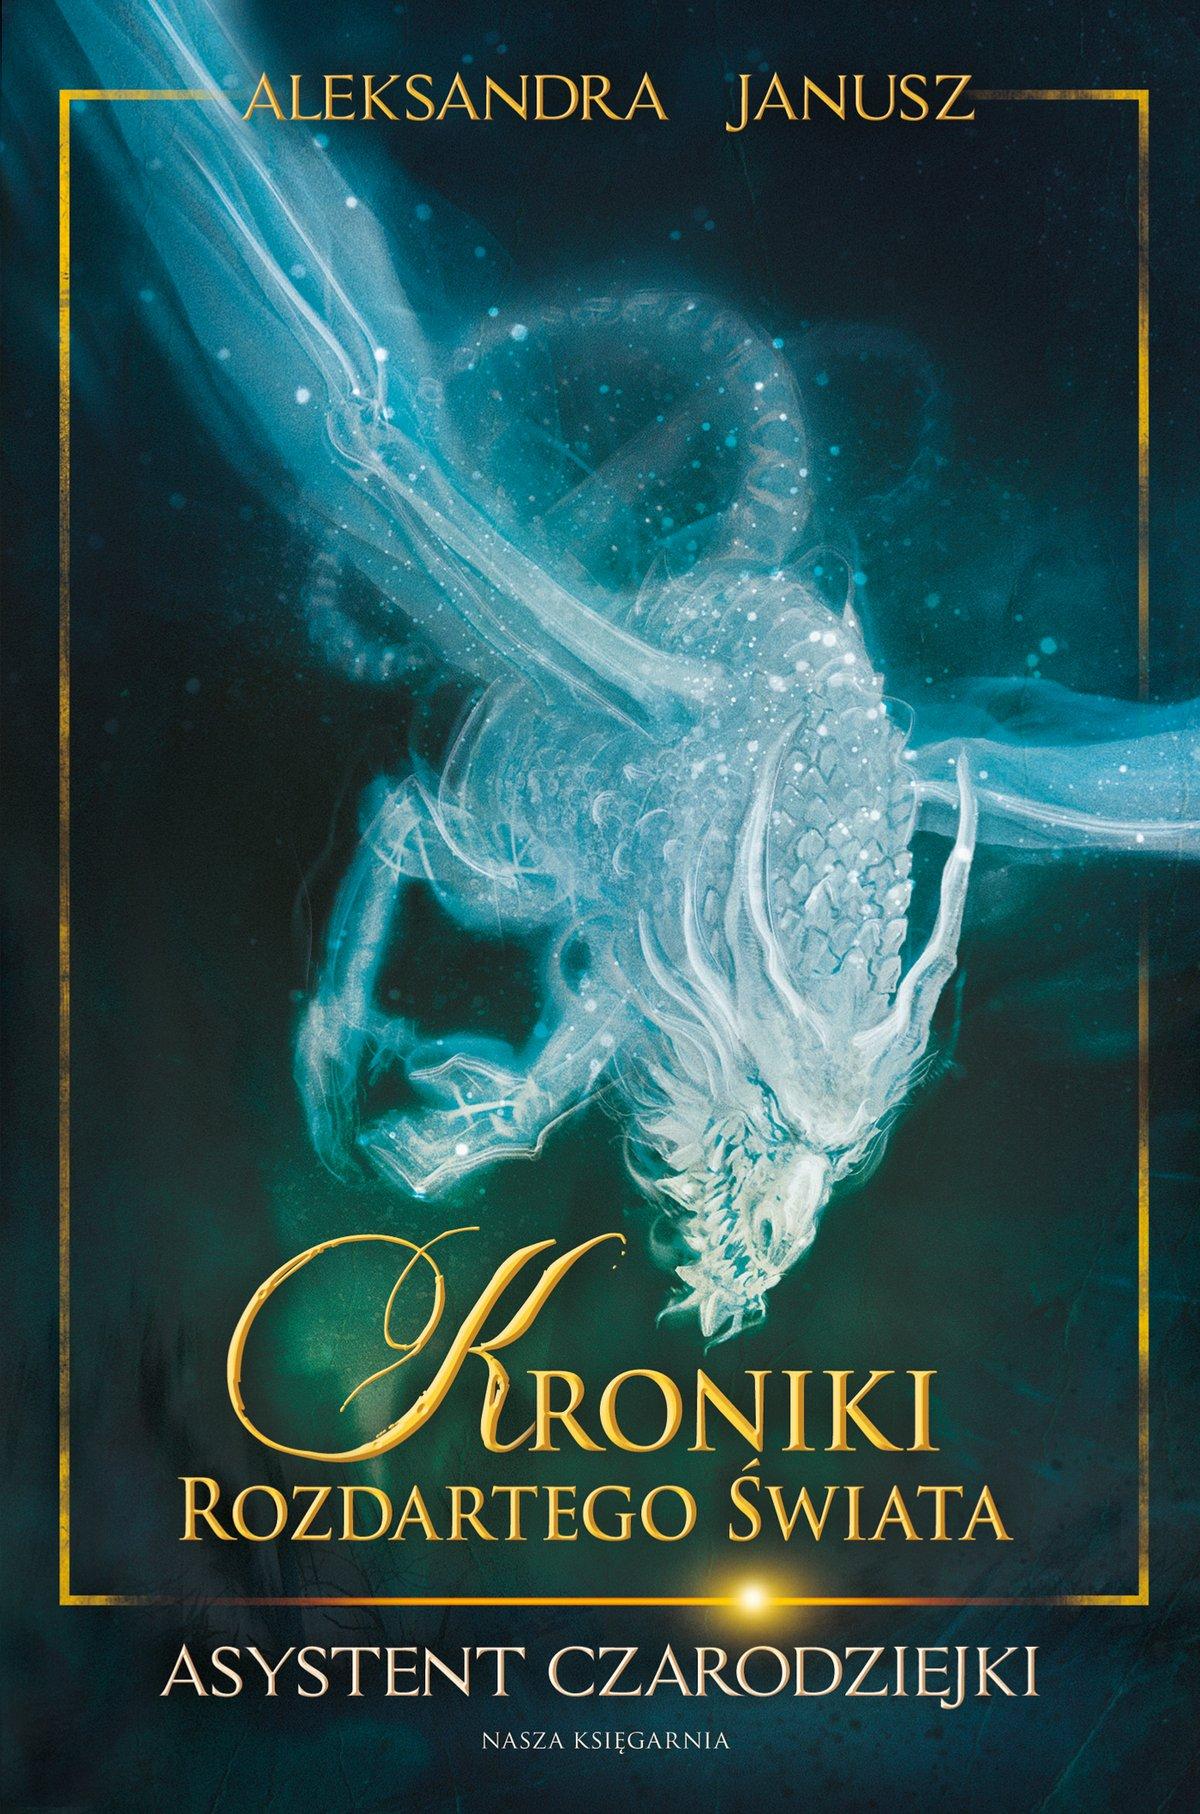 Asystent czarodziejki - Ebook (Książka na Kindle) do pobrania w formacie MOBI